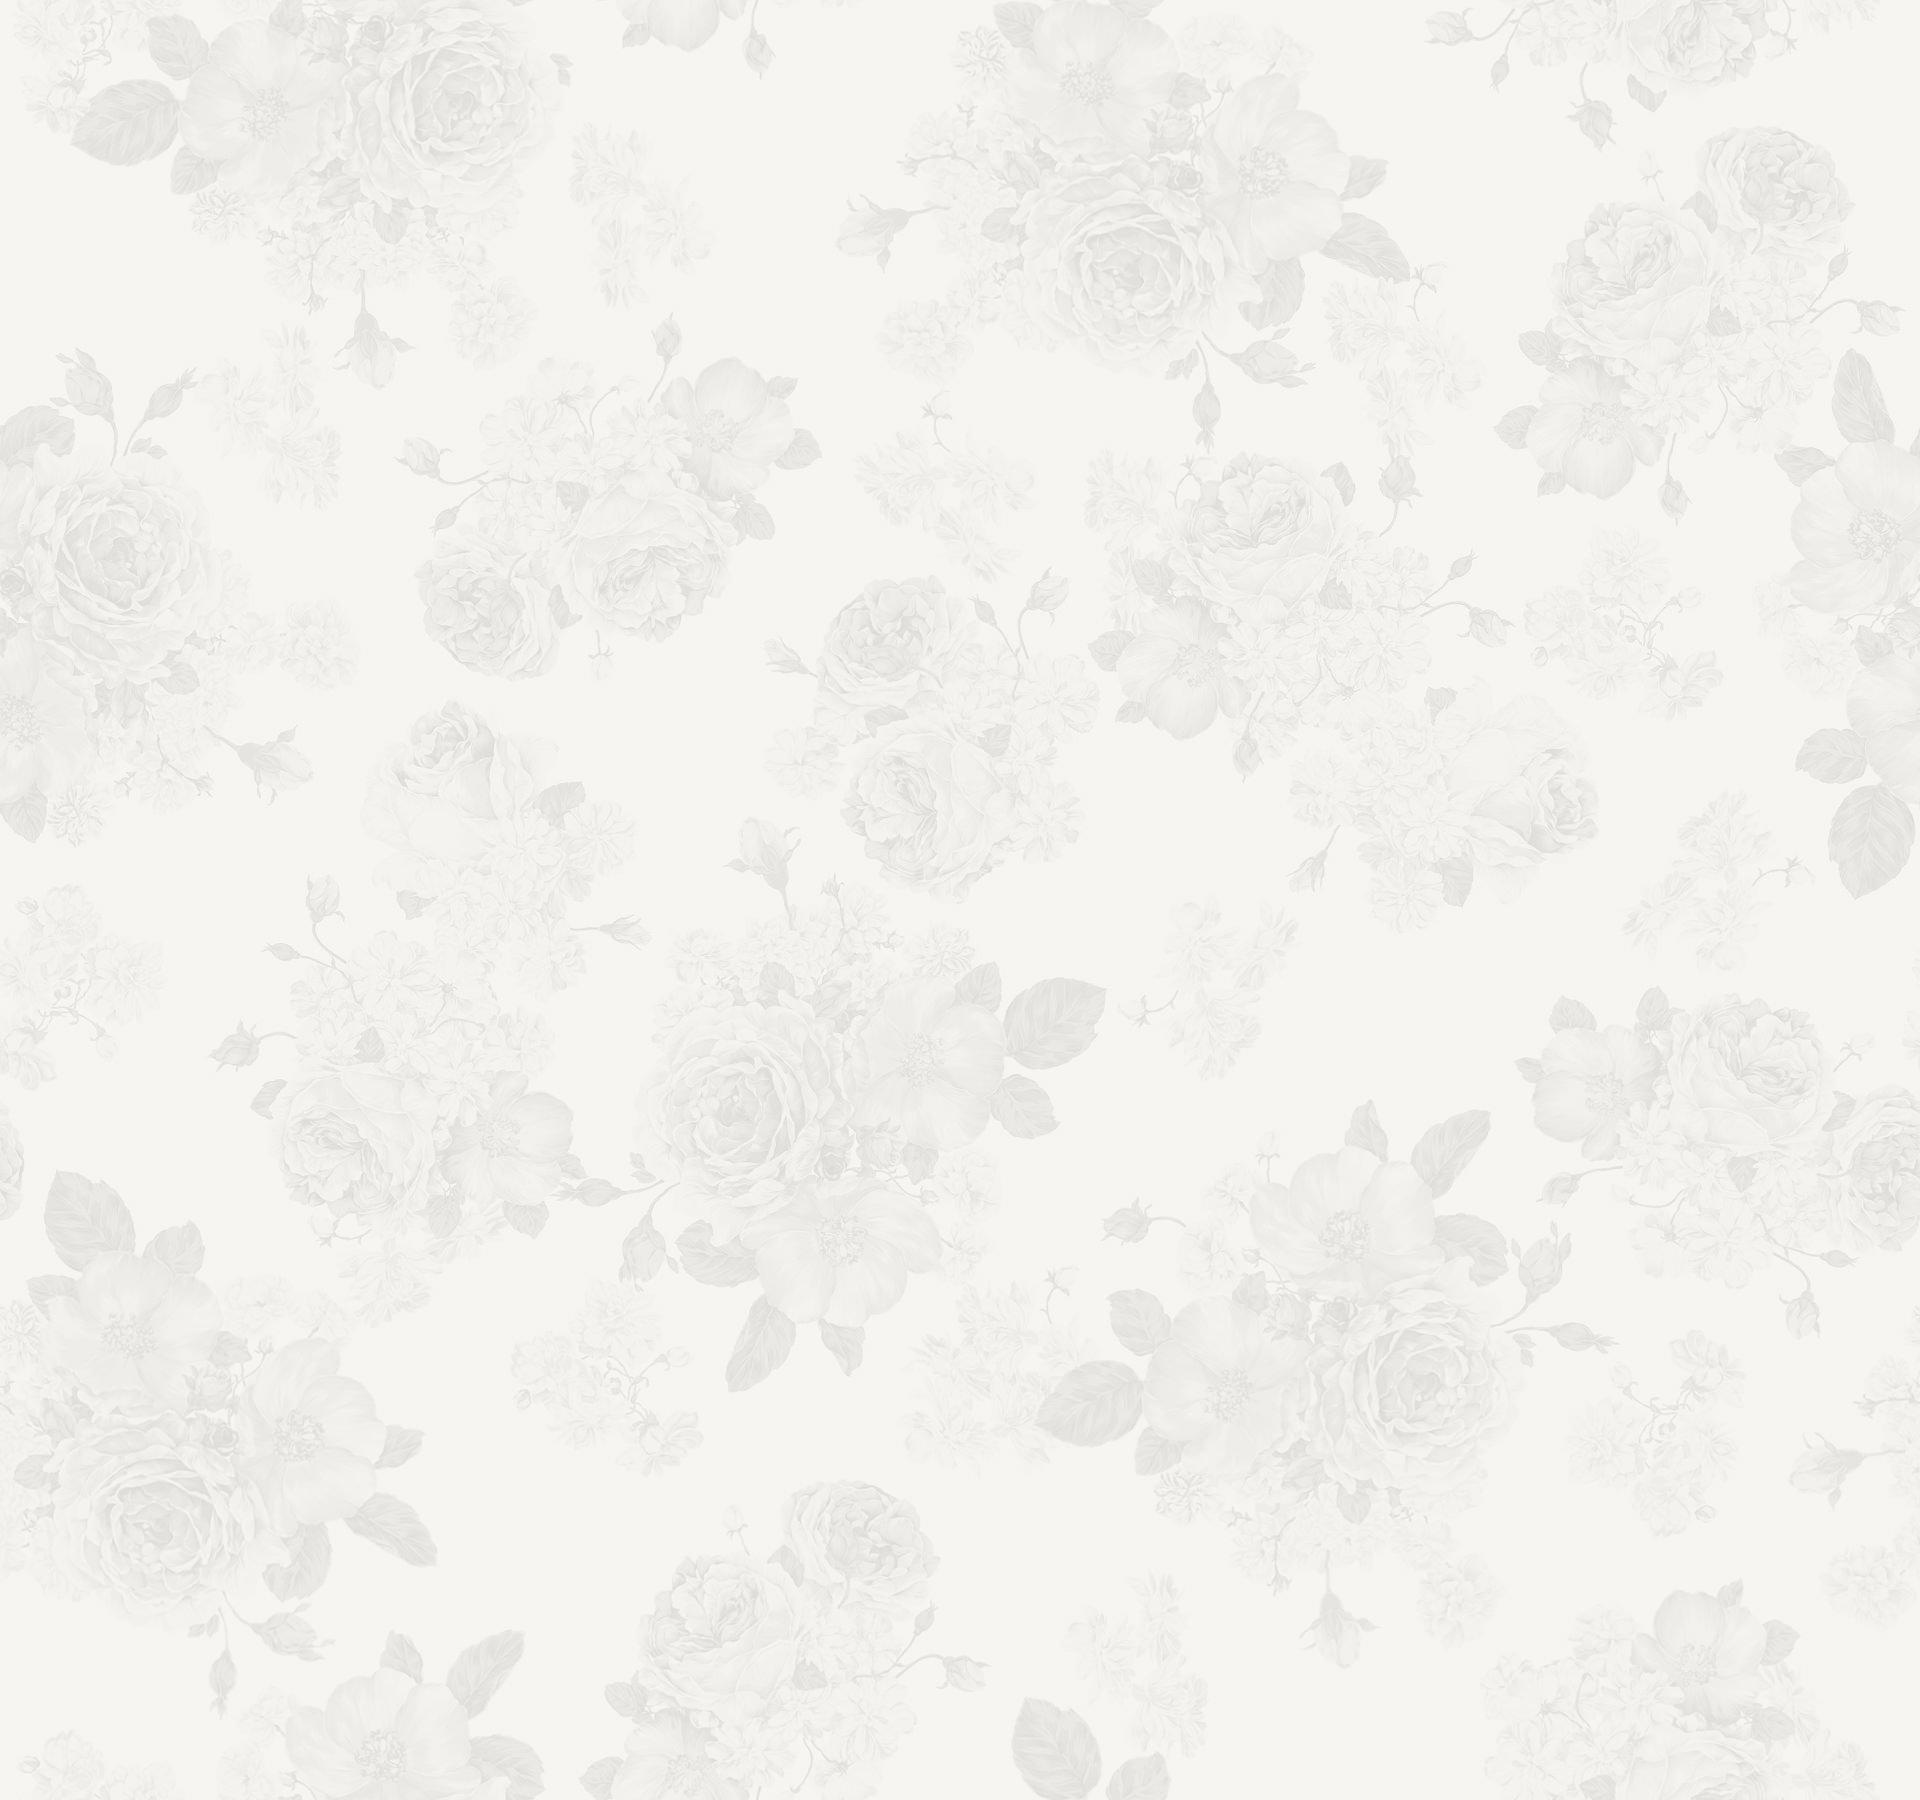 Мастерская художественной керамики и гончарного дела Нина-Potter